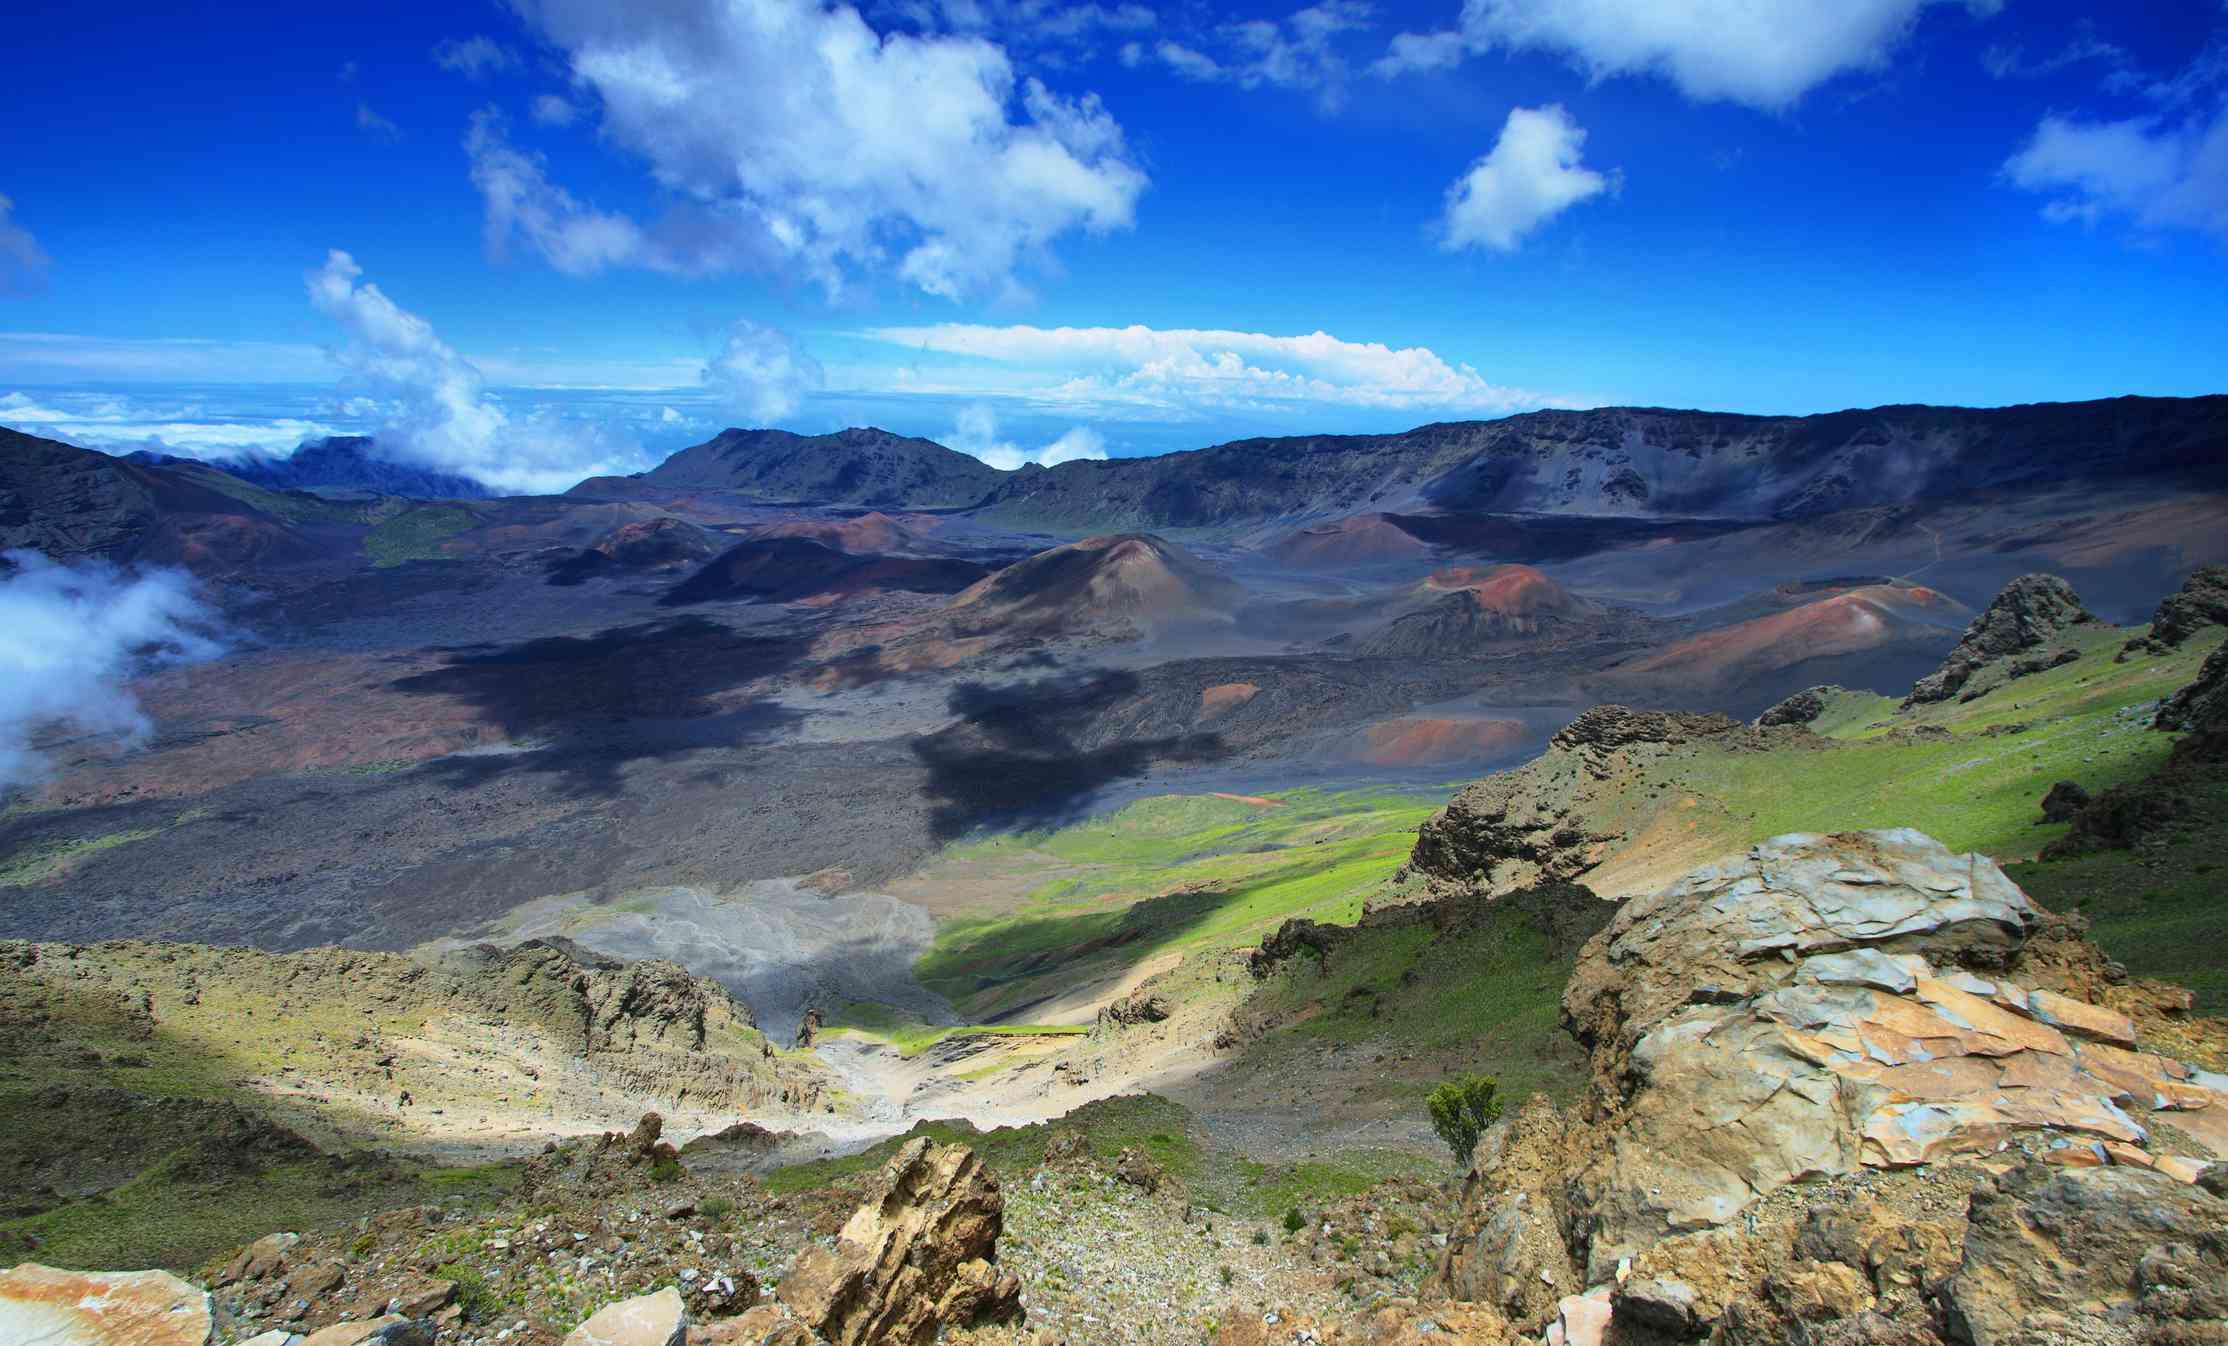 Haleakala Crater on Maui